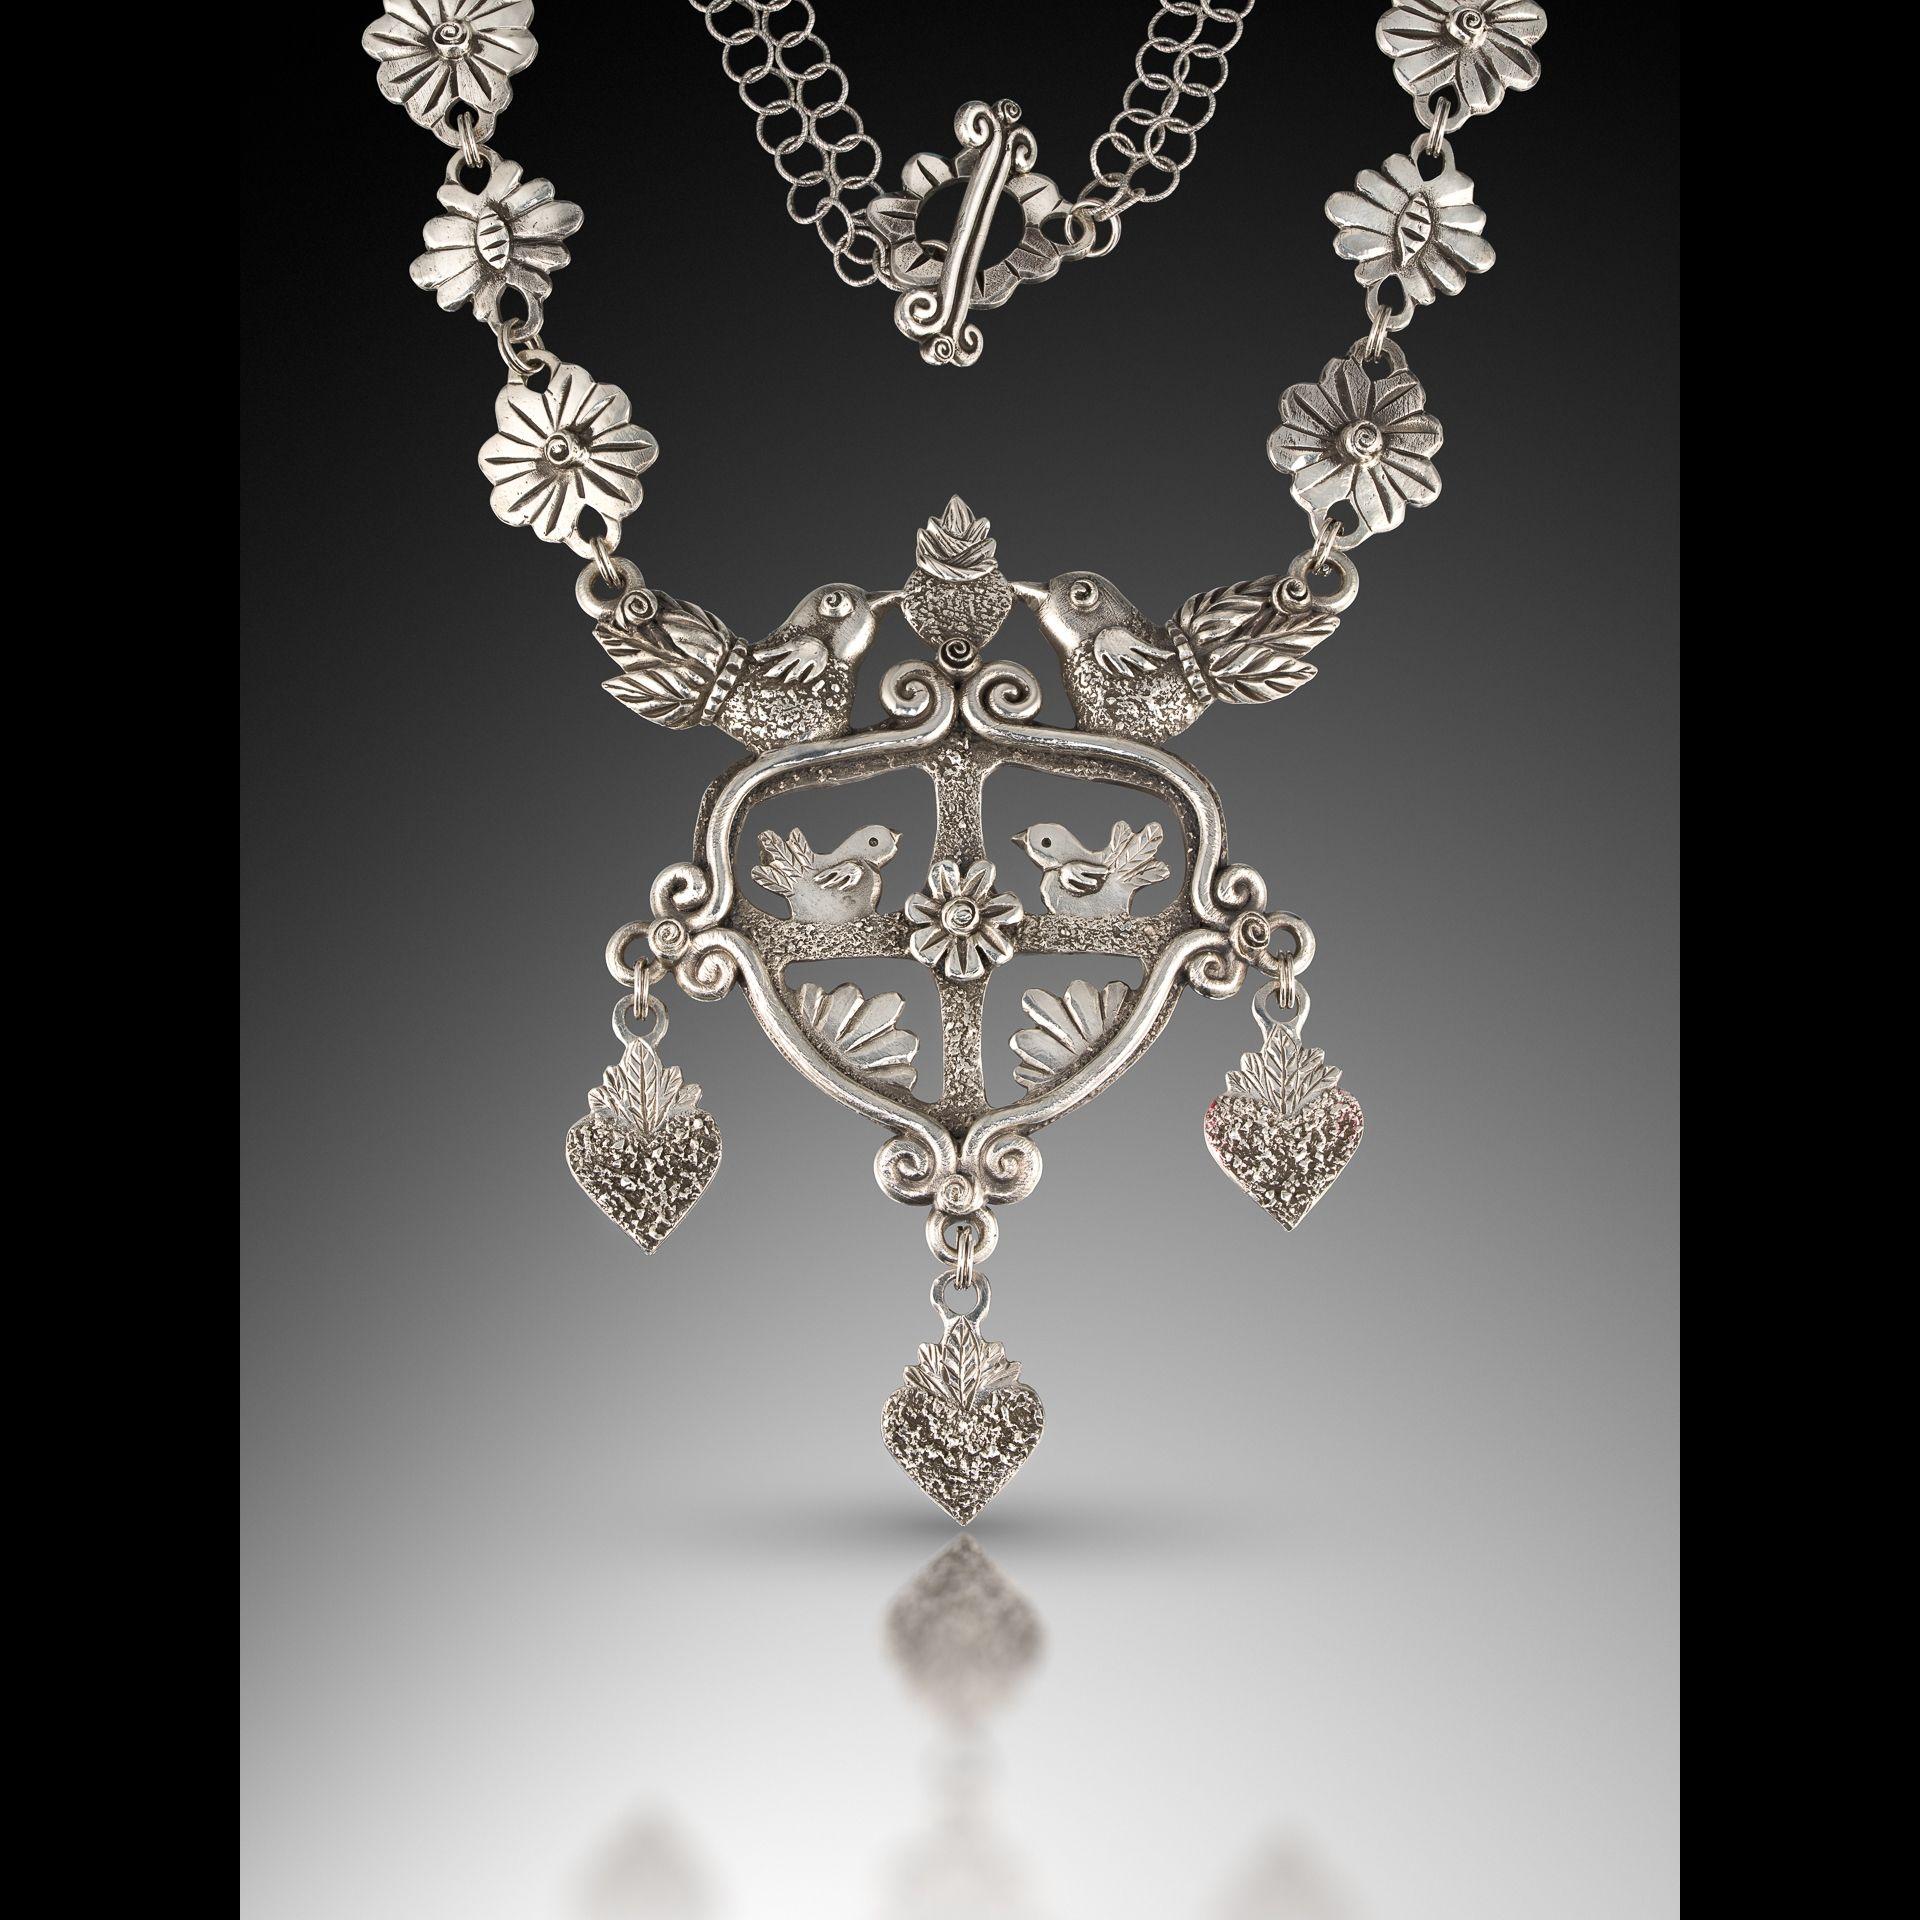 25++ Diamond jewelry gallery san antonio tx ideas